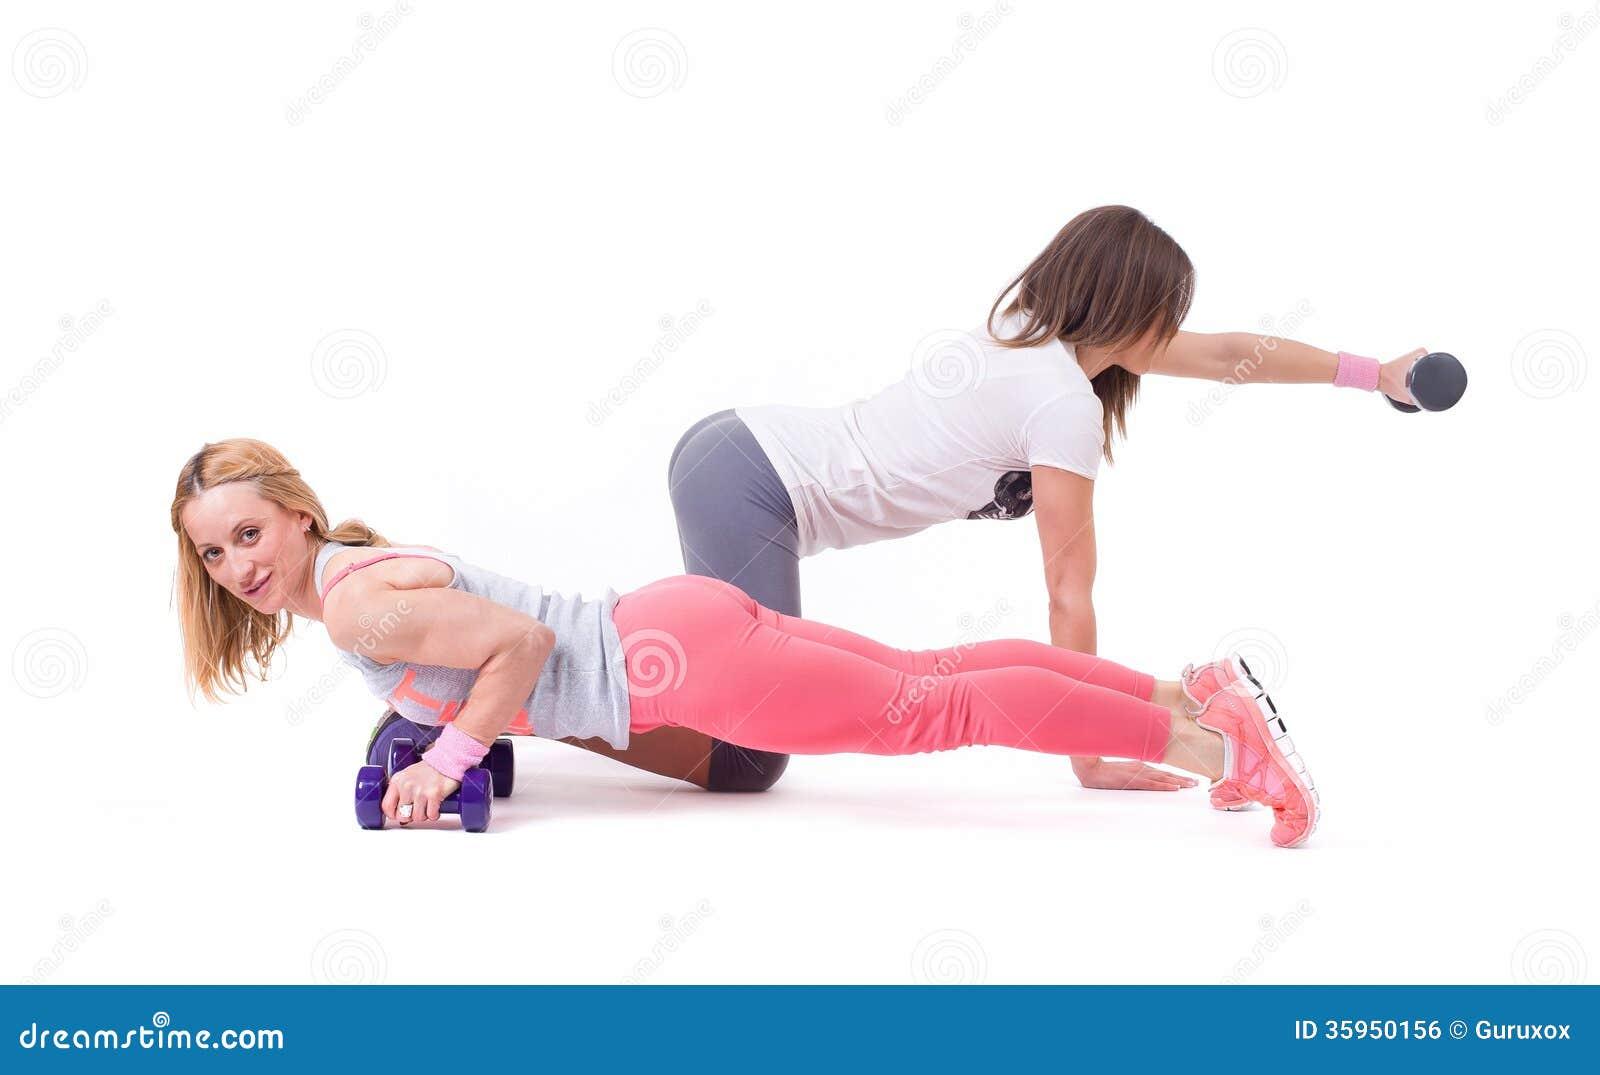 Ejercicio de la mujer de dos deportes con pesas de gimnasia